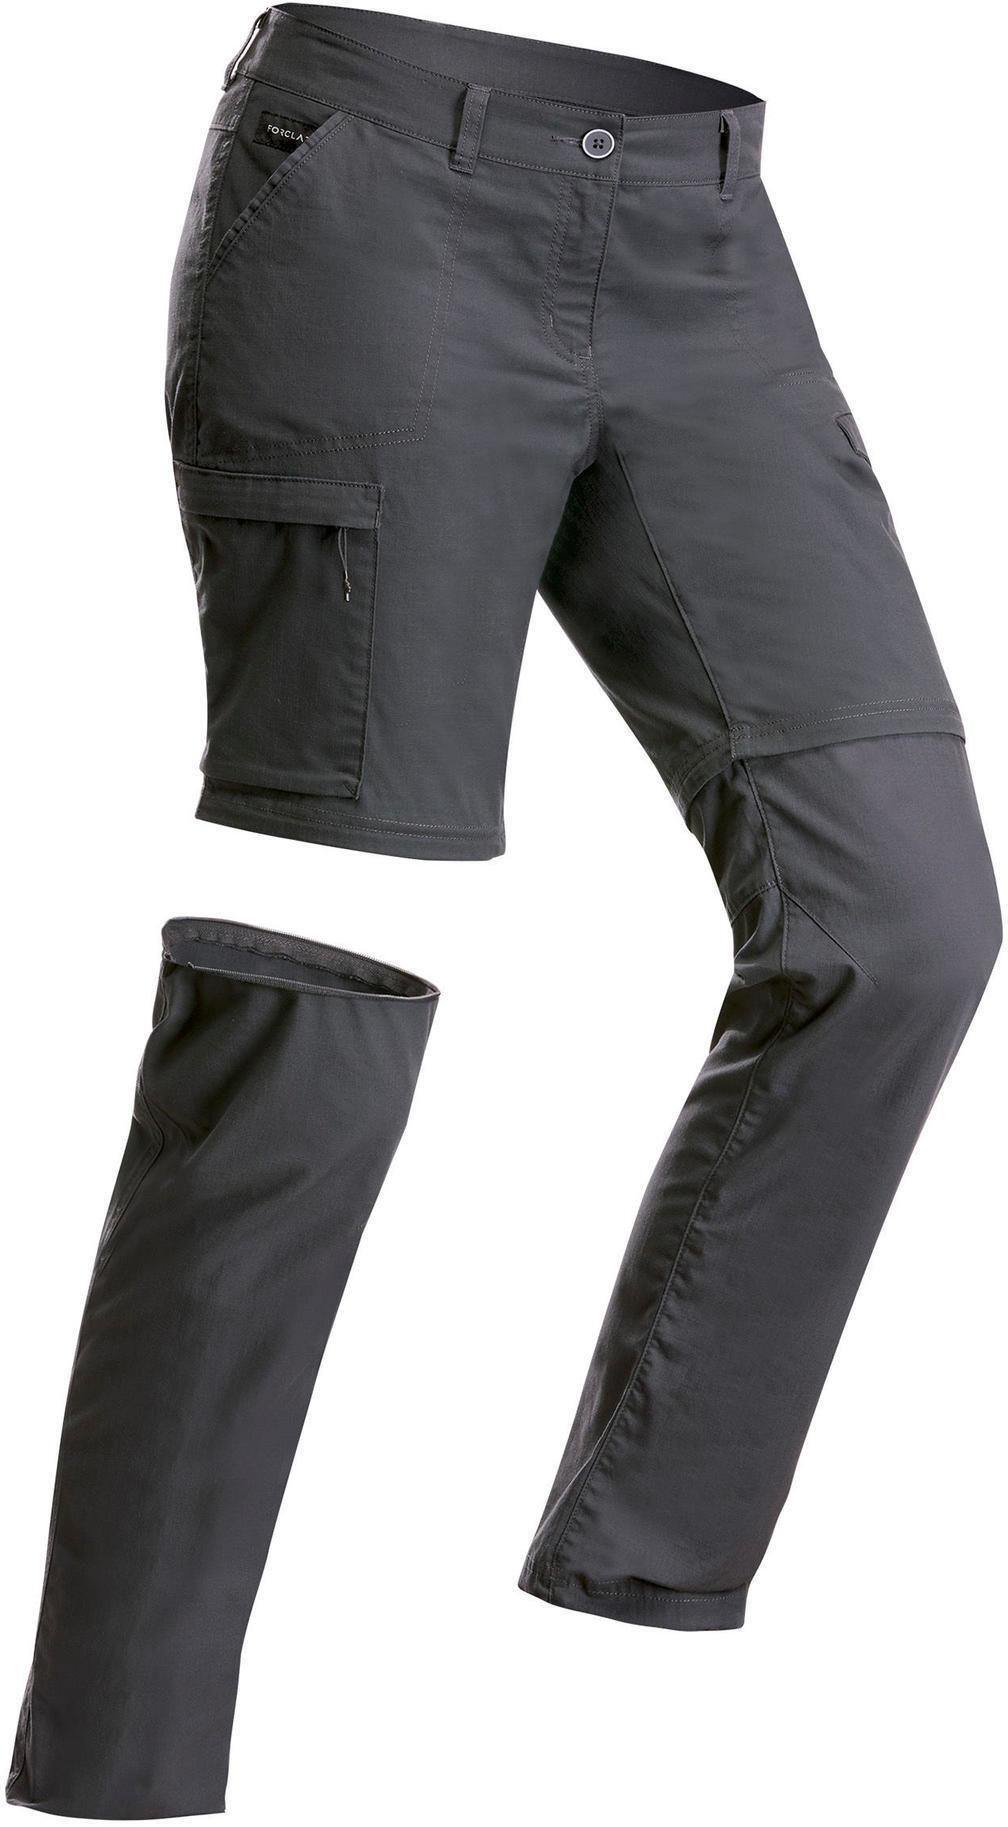 Spodnie trekkingowe - TRAVEL 100 2w1 damskie